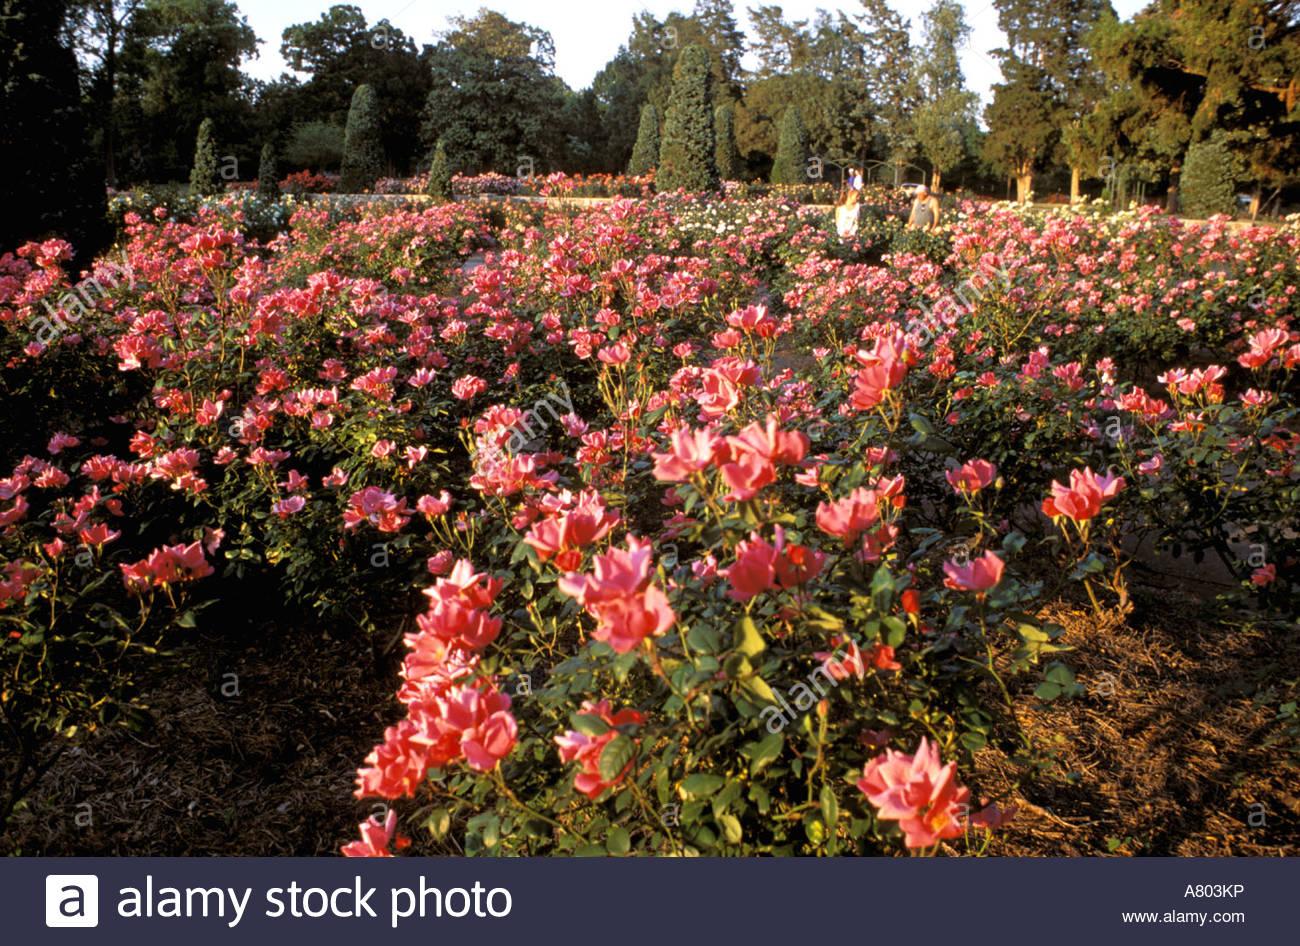 North America, USA, Oklahoma, Tulsa. Tulsa Garden Center Roses